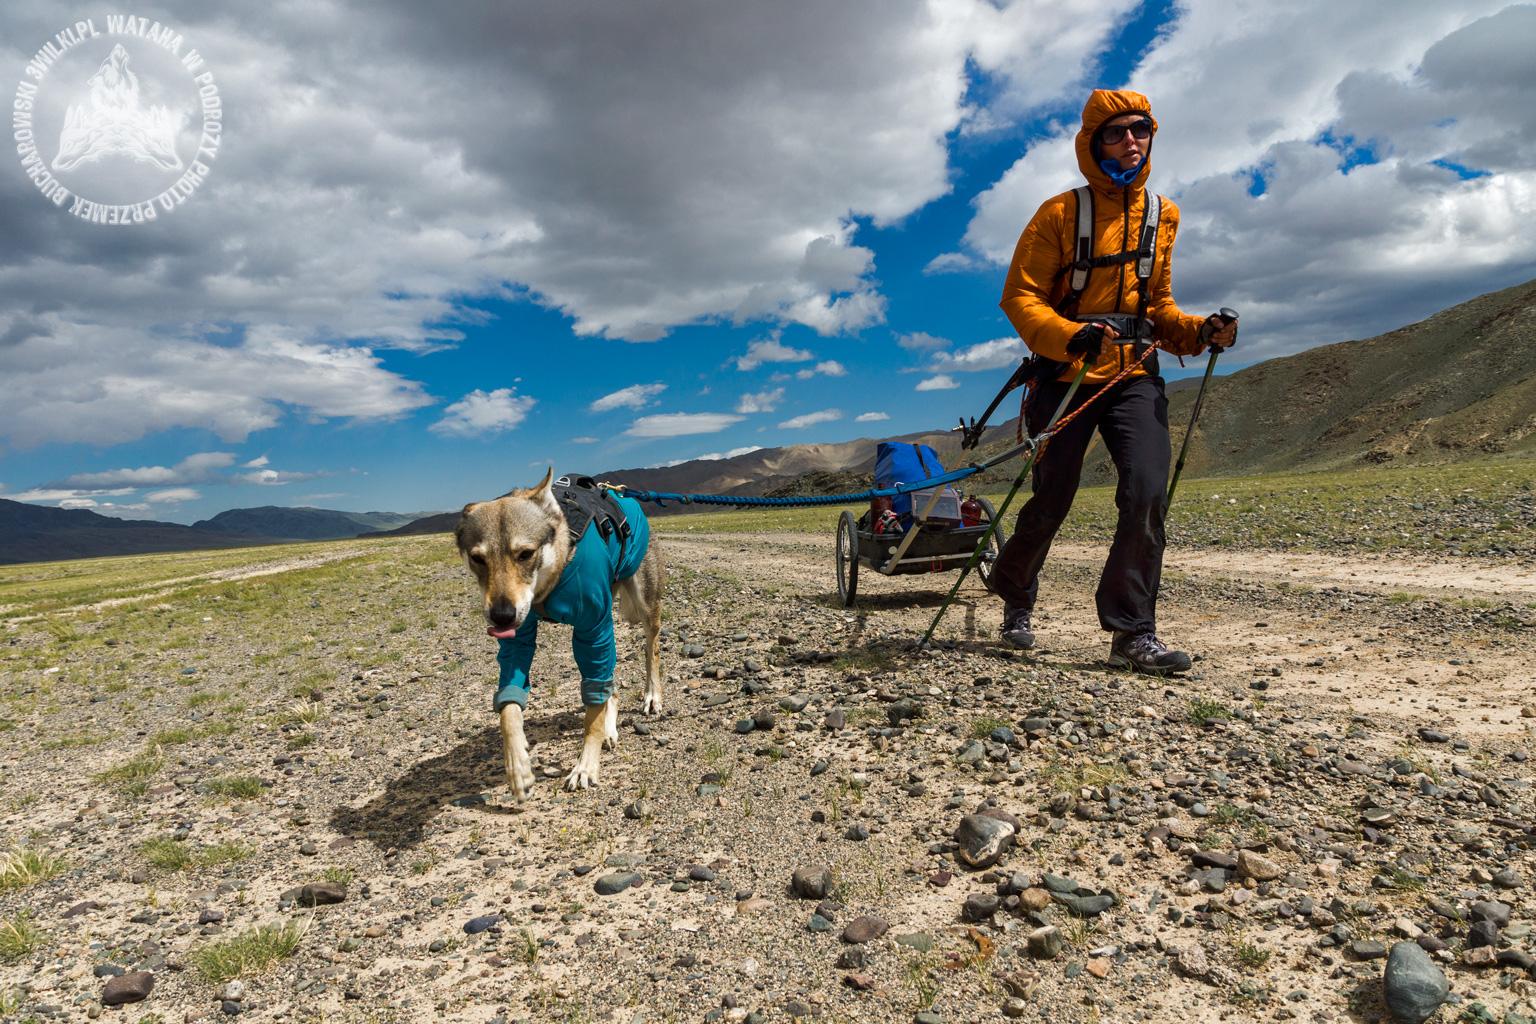 mongolia_tavanbogd_trekking_agi_diuna4